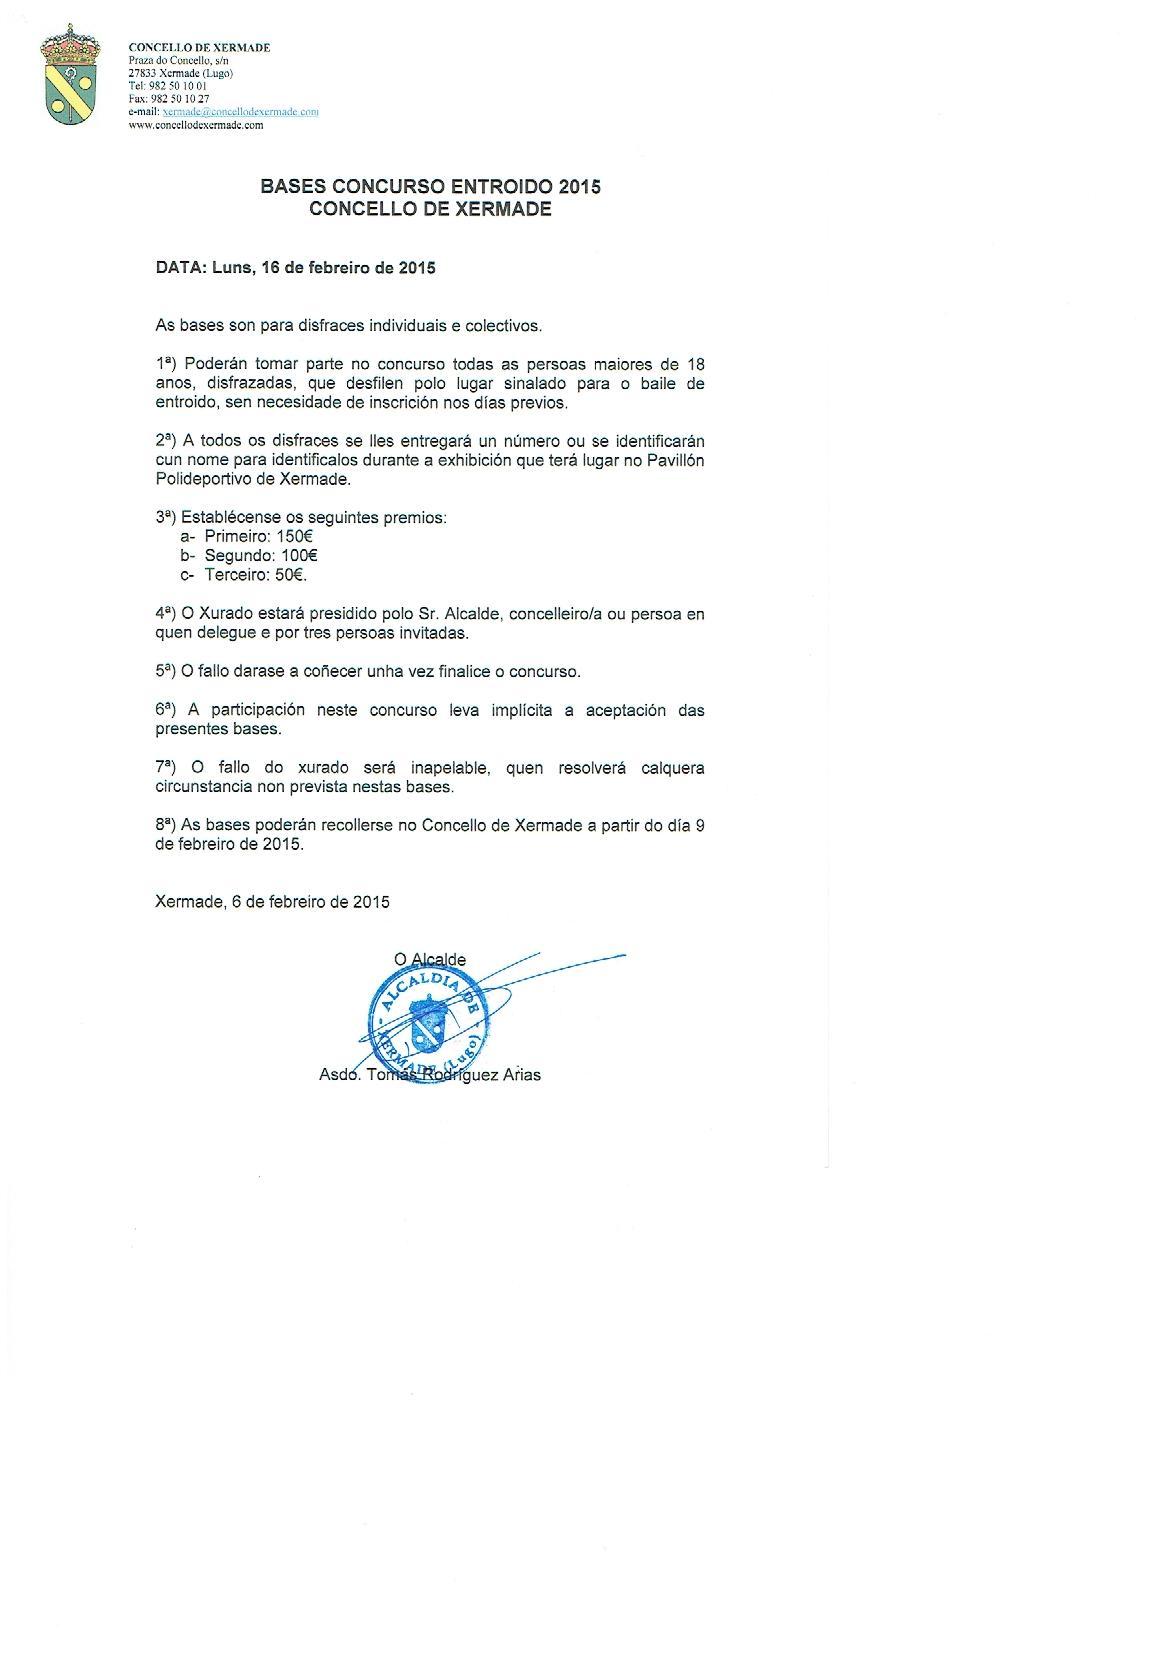 Bases Entroido 2015